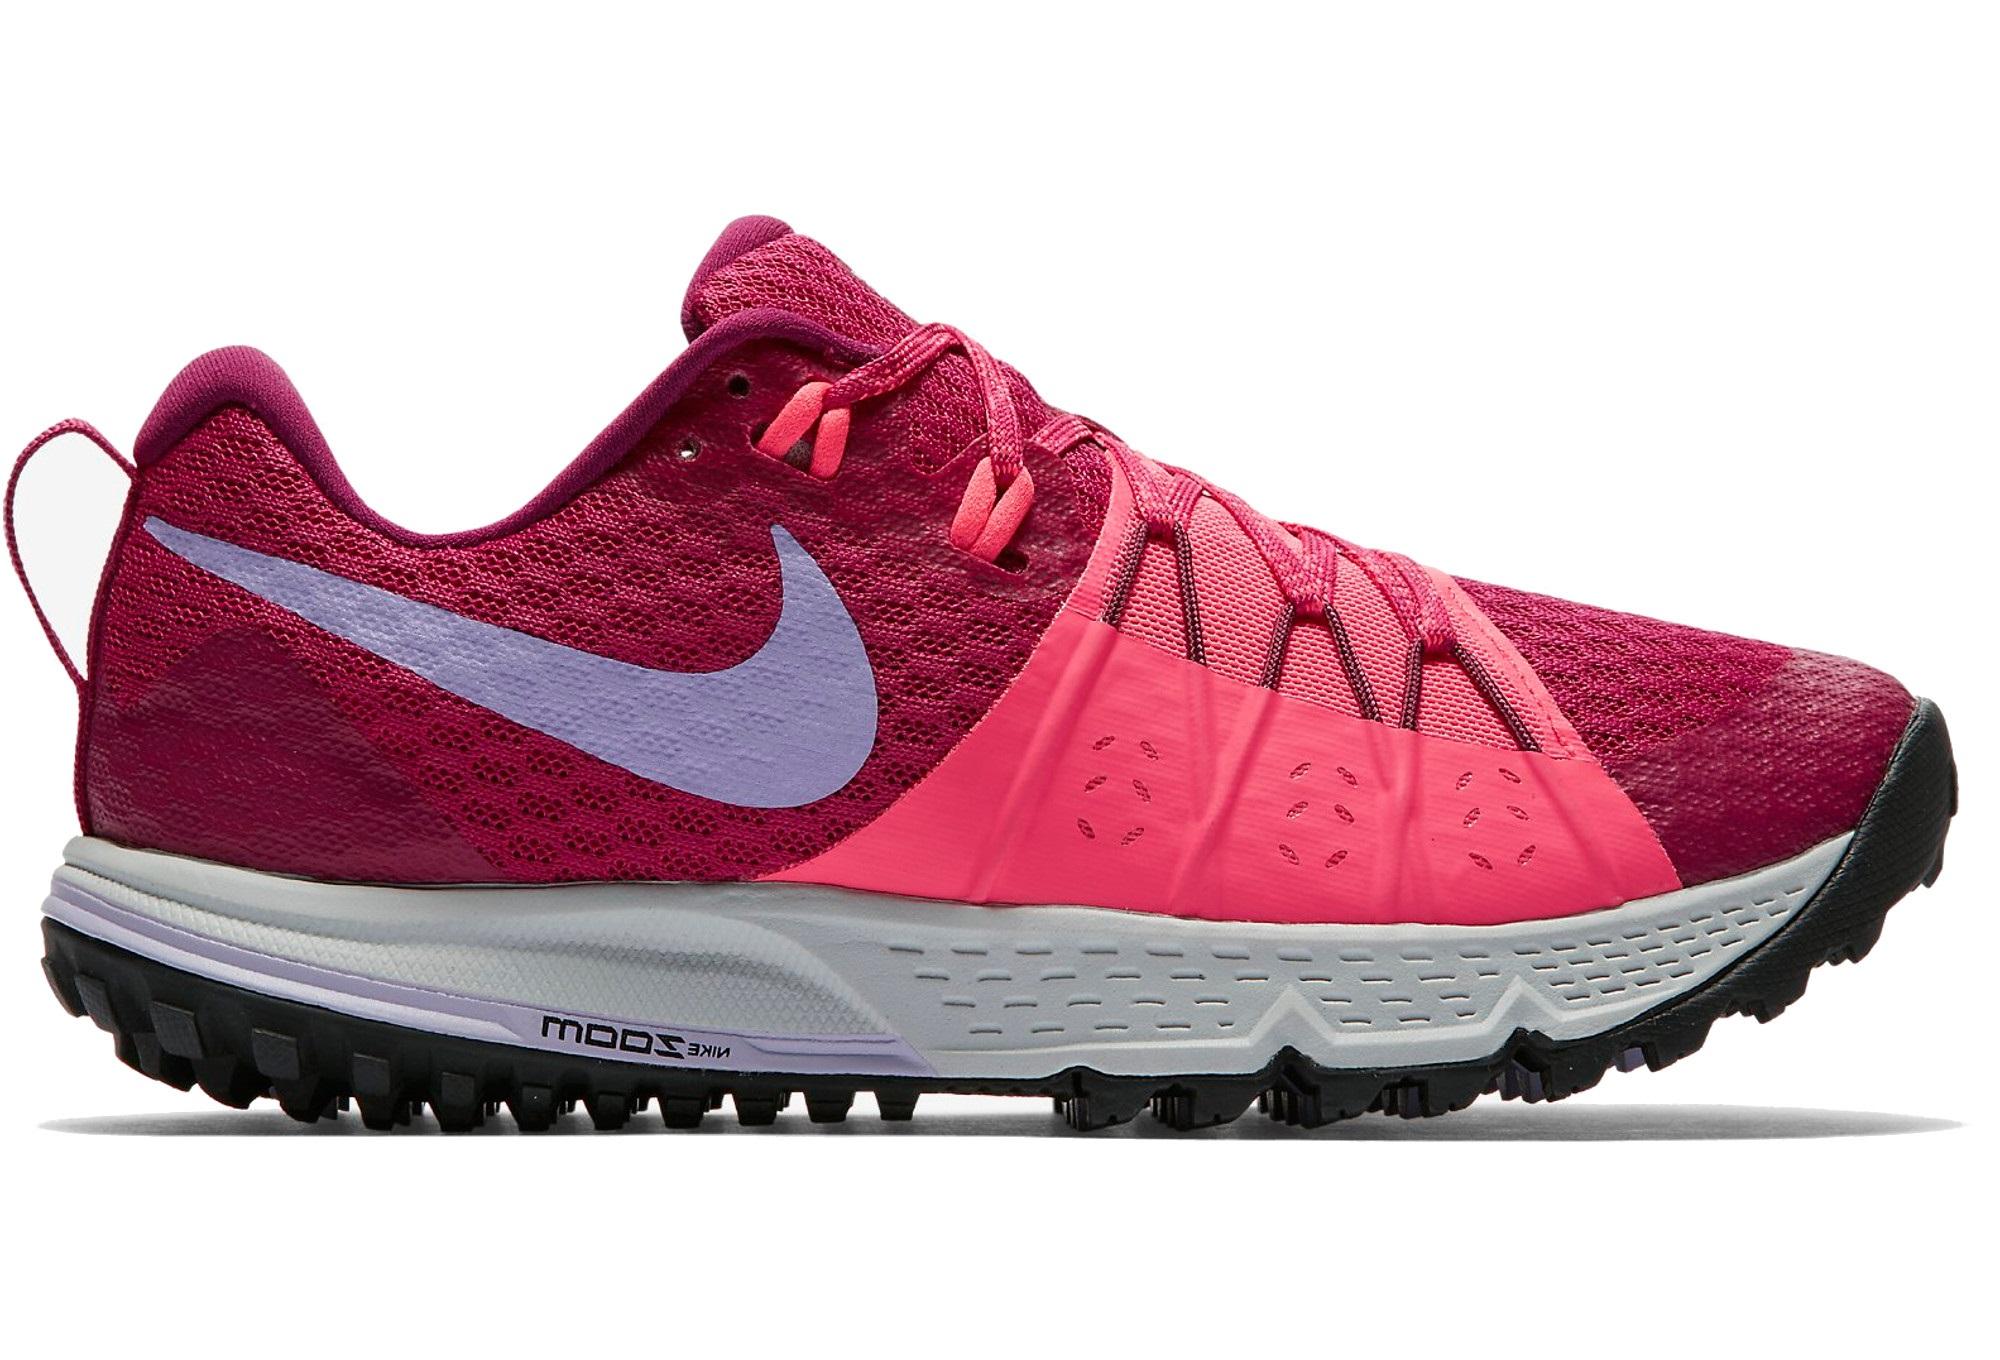 27eef4be8244 Nike Zoom Wildhorse 4 Women s Shoes Rose